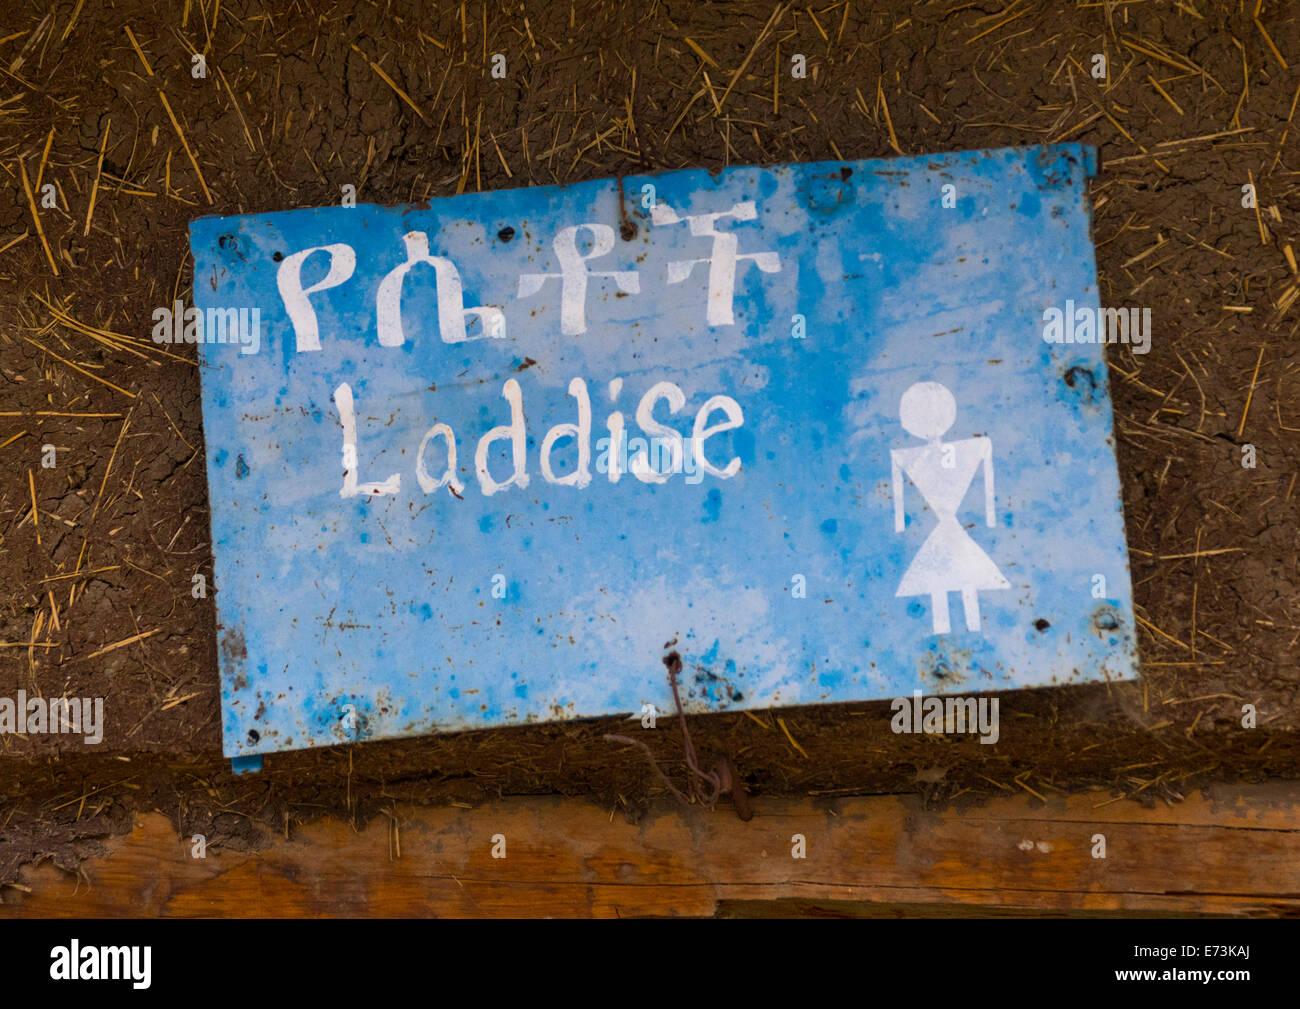 Toilets Lady Sign, Lalibela, Ethiopia - Stock Image